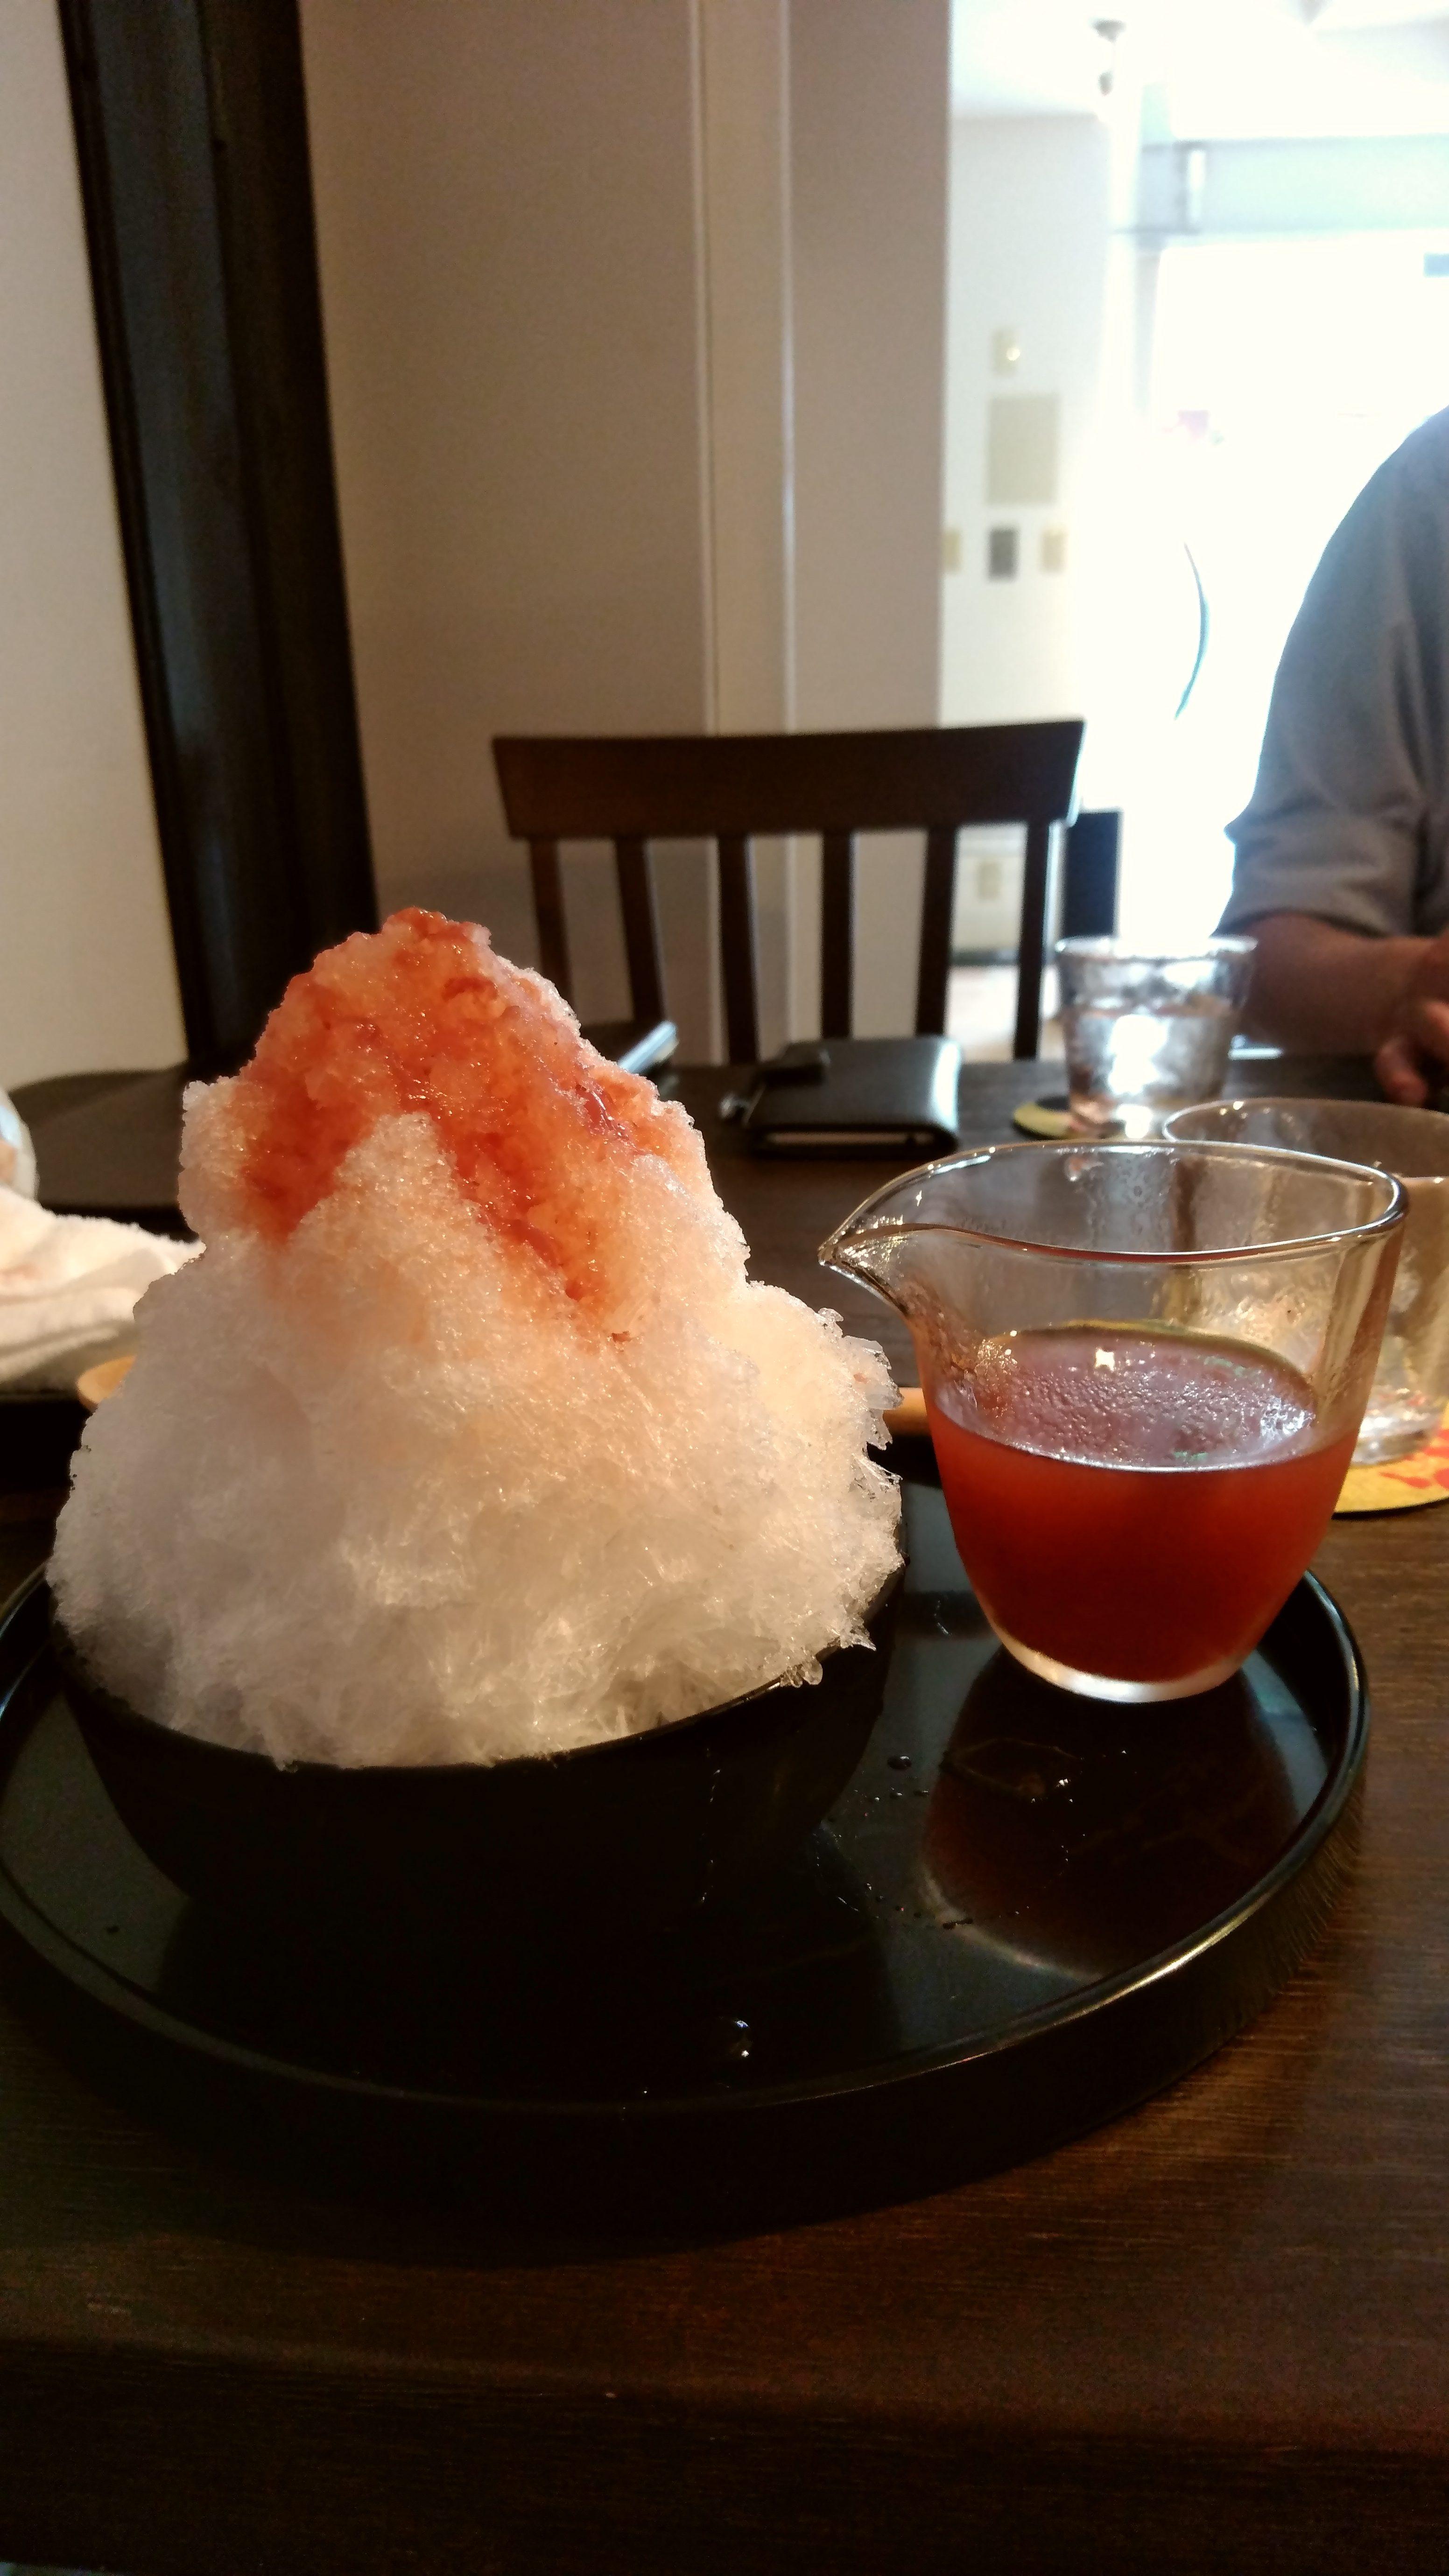 八ヶ岳のかき氷がめちゃ美味しい